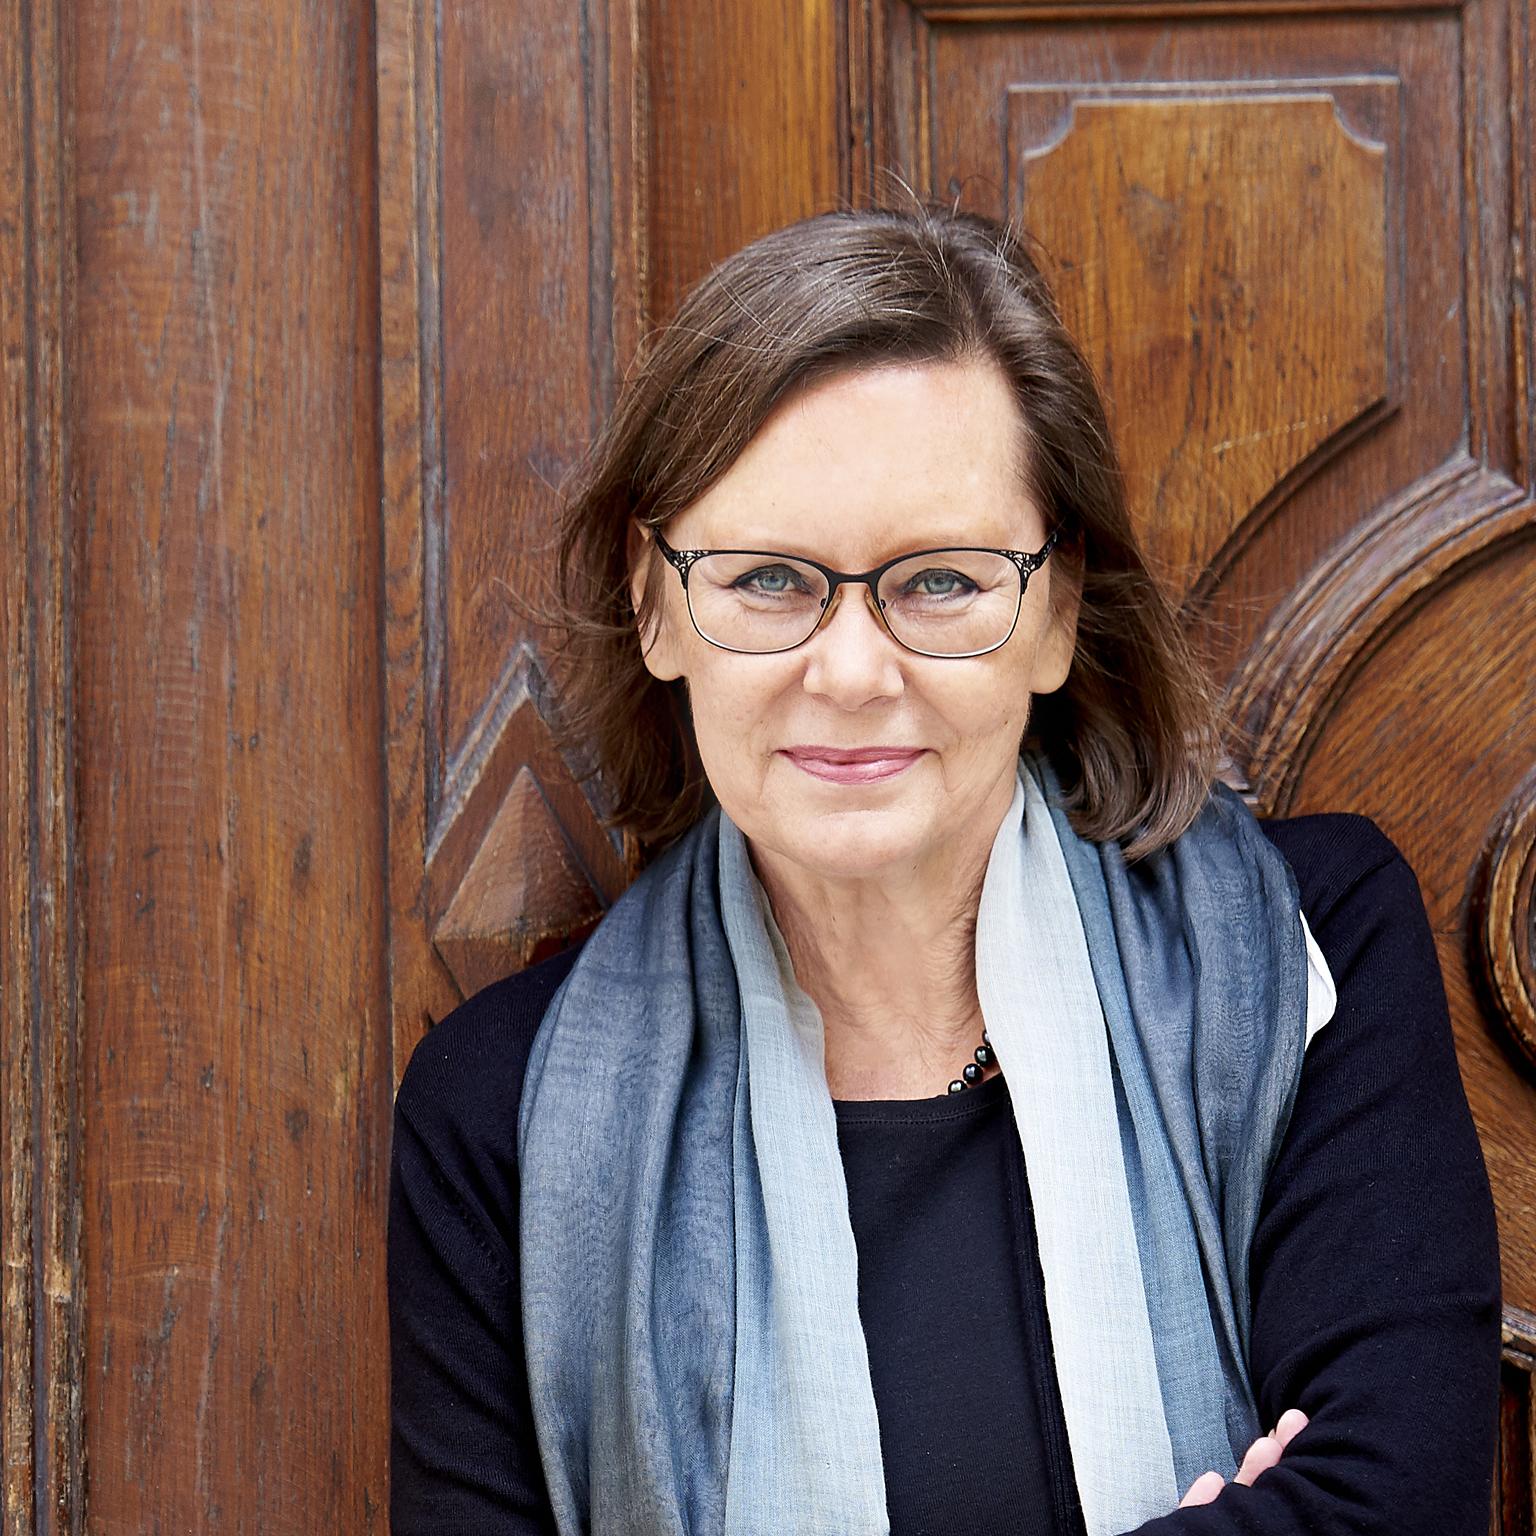 Sylvia Stonner